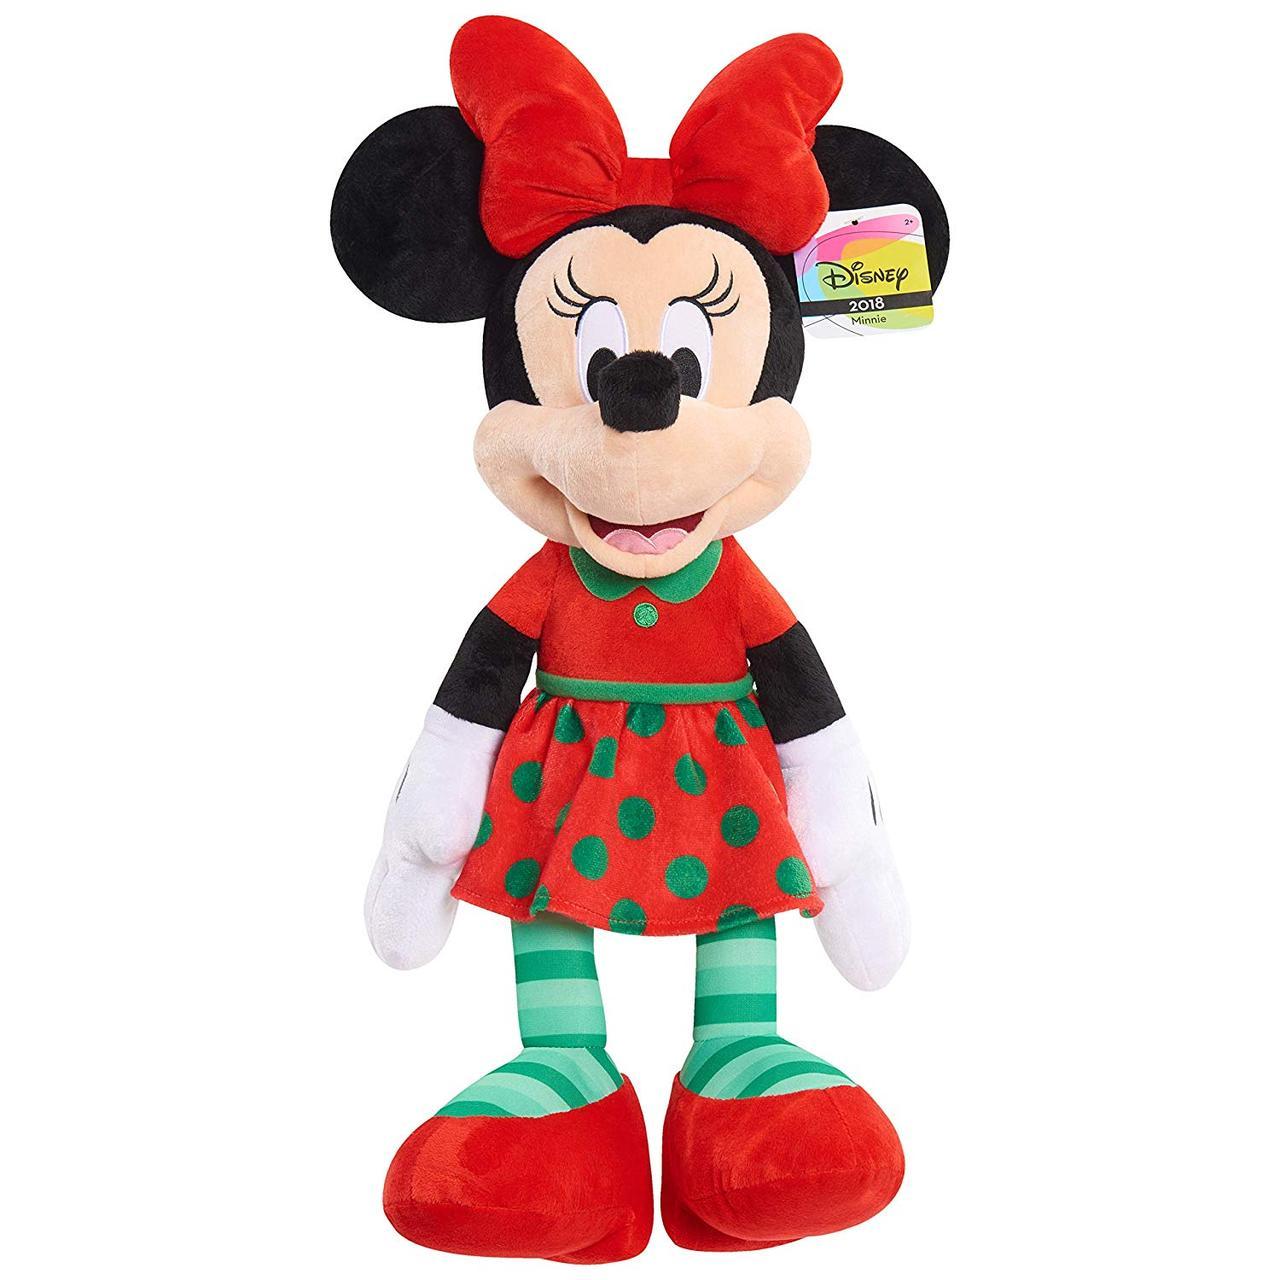 Минни Маус плюшевая игрушка 55 см Дисней / Minnie Mouse Disney